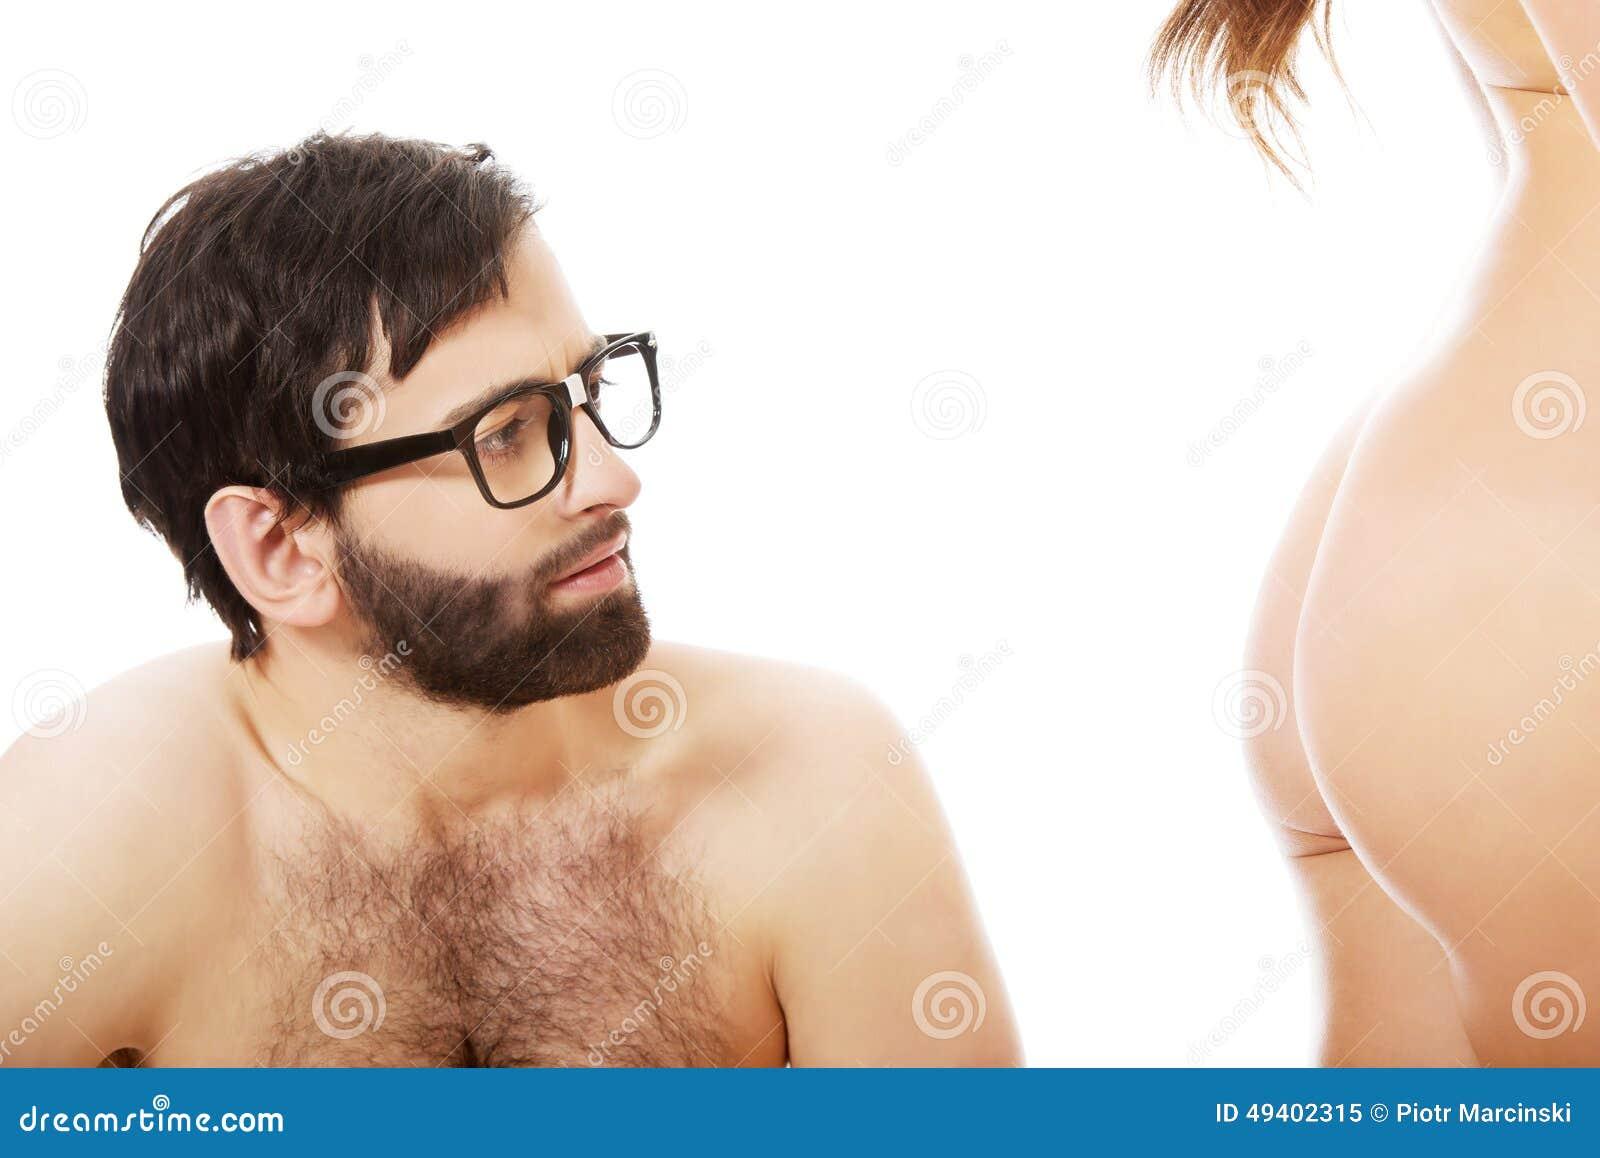 män nakna röv